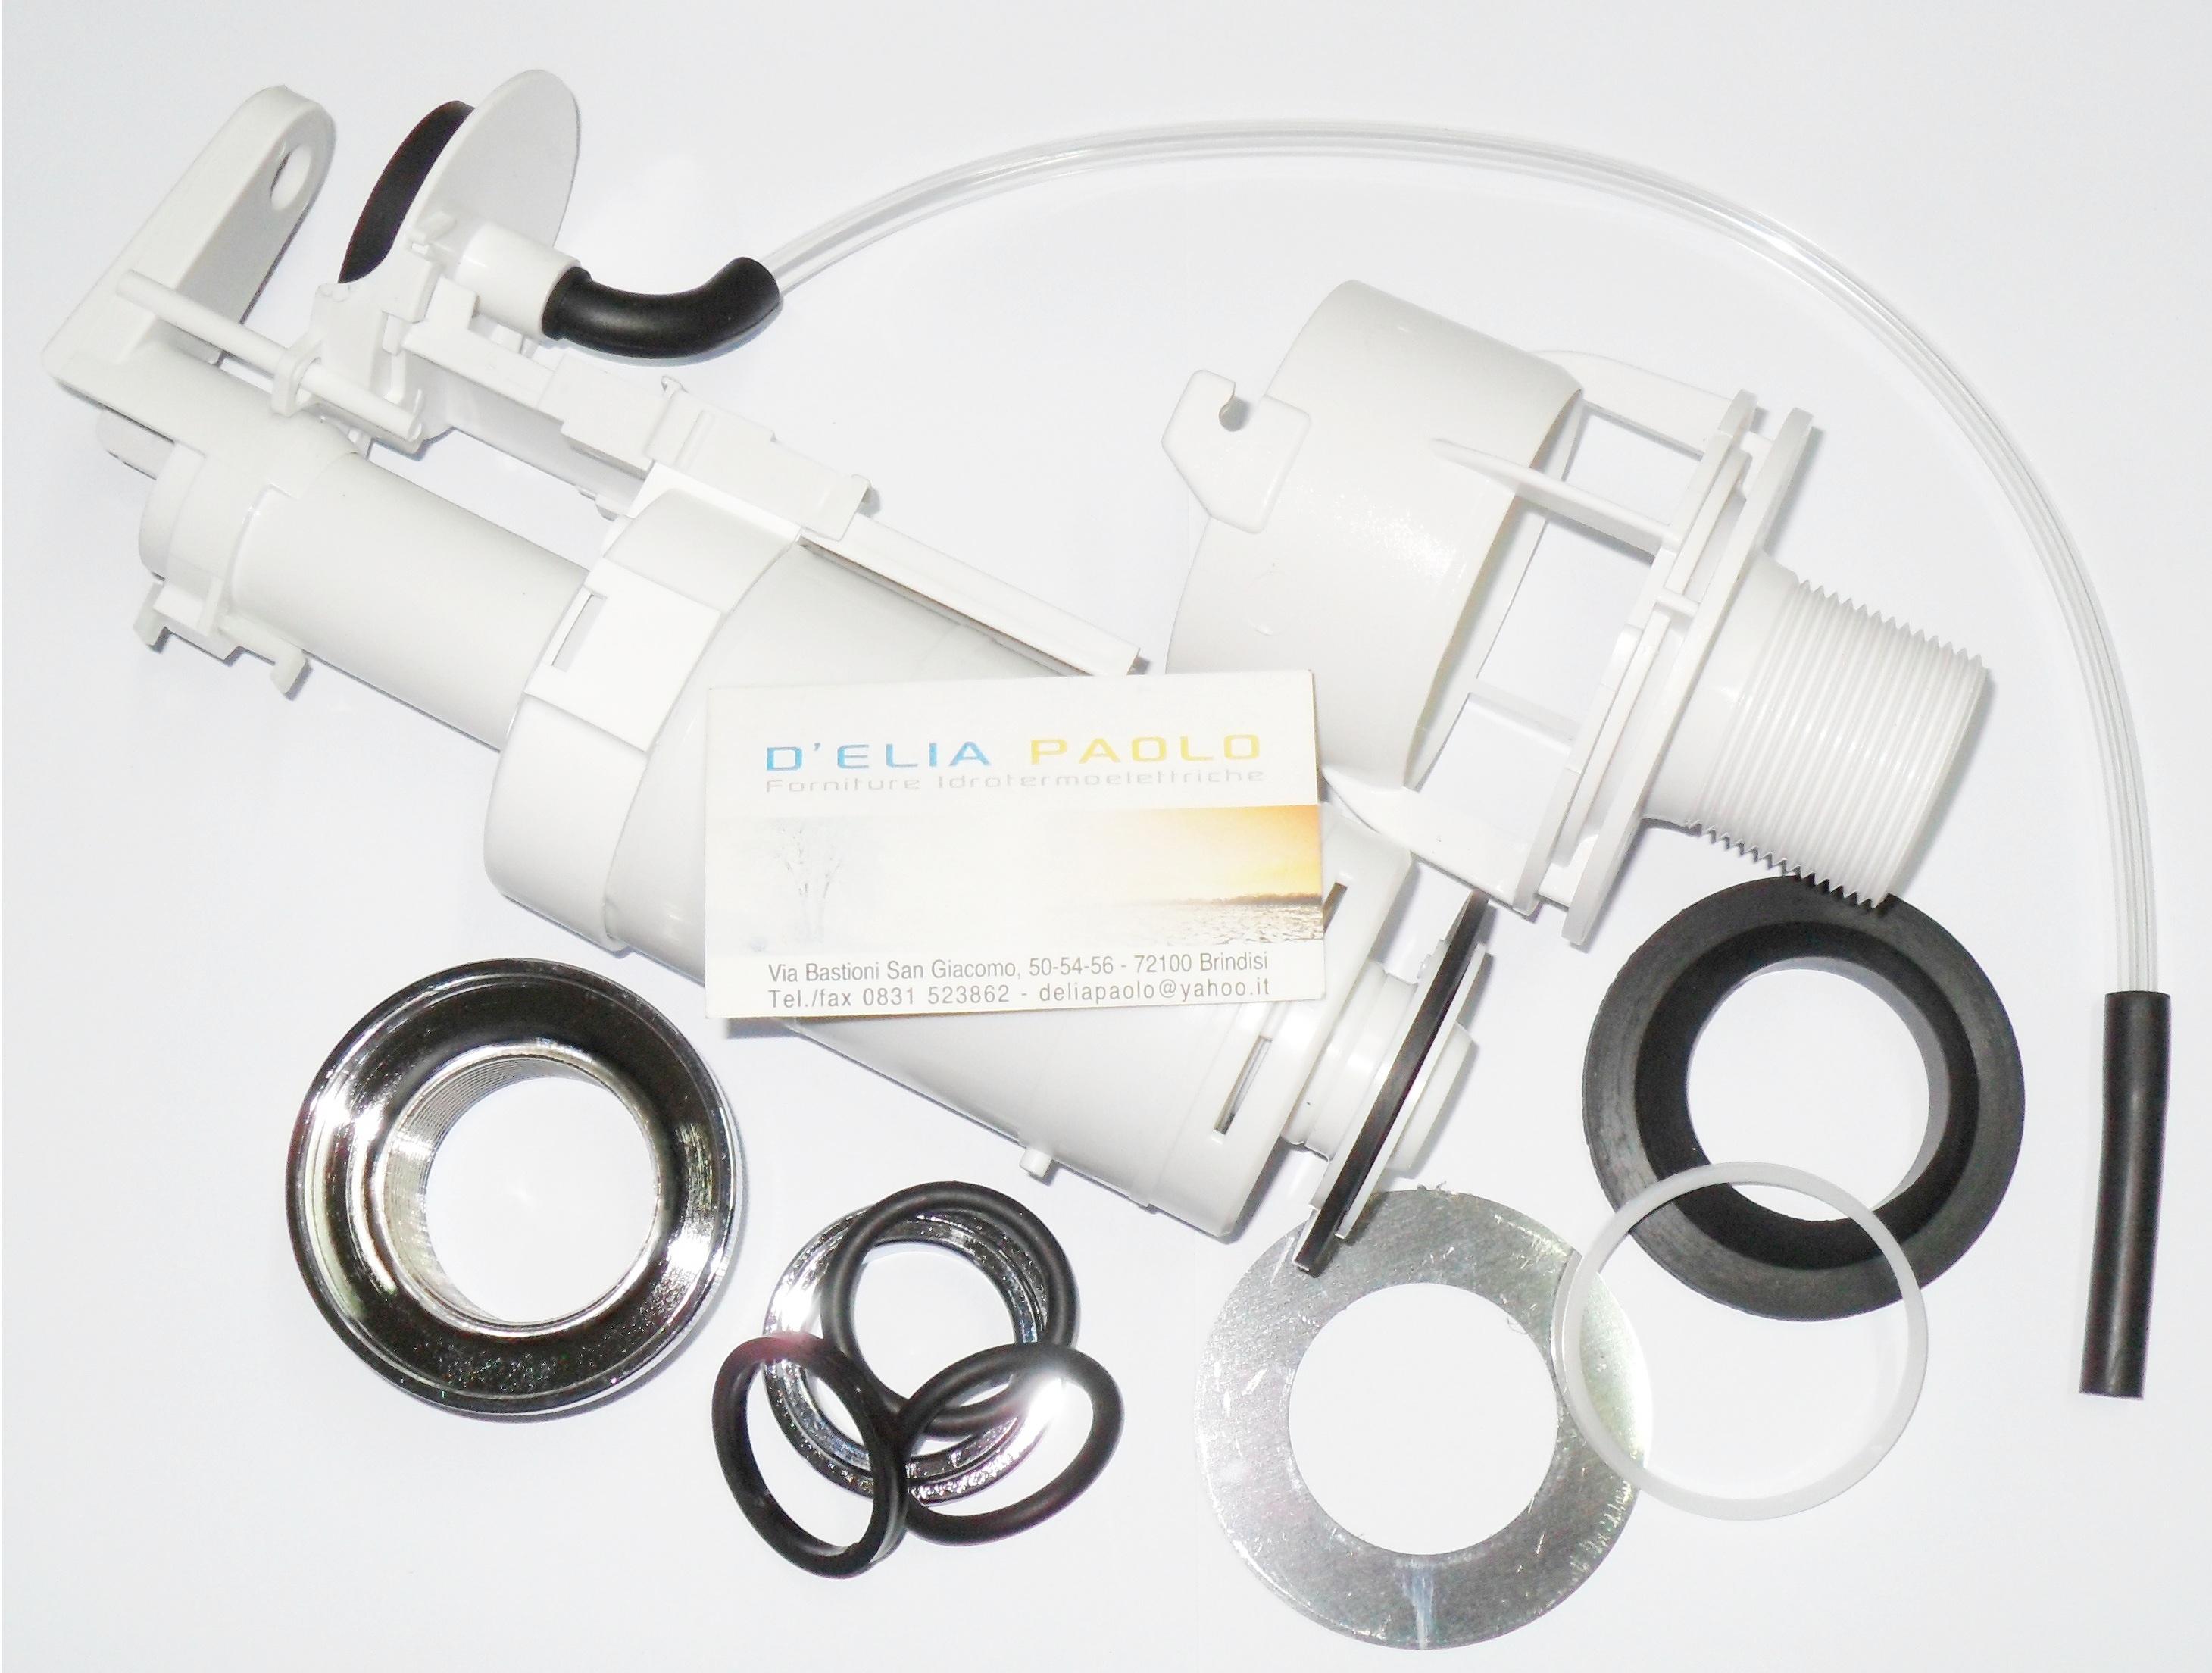 Meccanismo Di Scarico Cassette Wc Monoblocco In Ceramica.Batteria Scarico Cassetta Ceramica Oli Replace Deluxe Aria Tubo